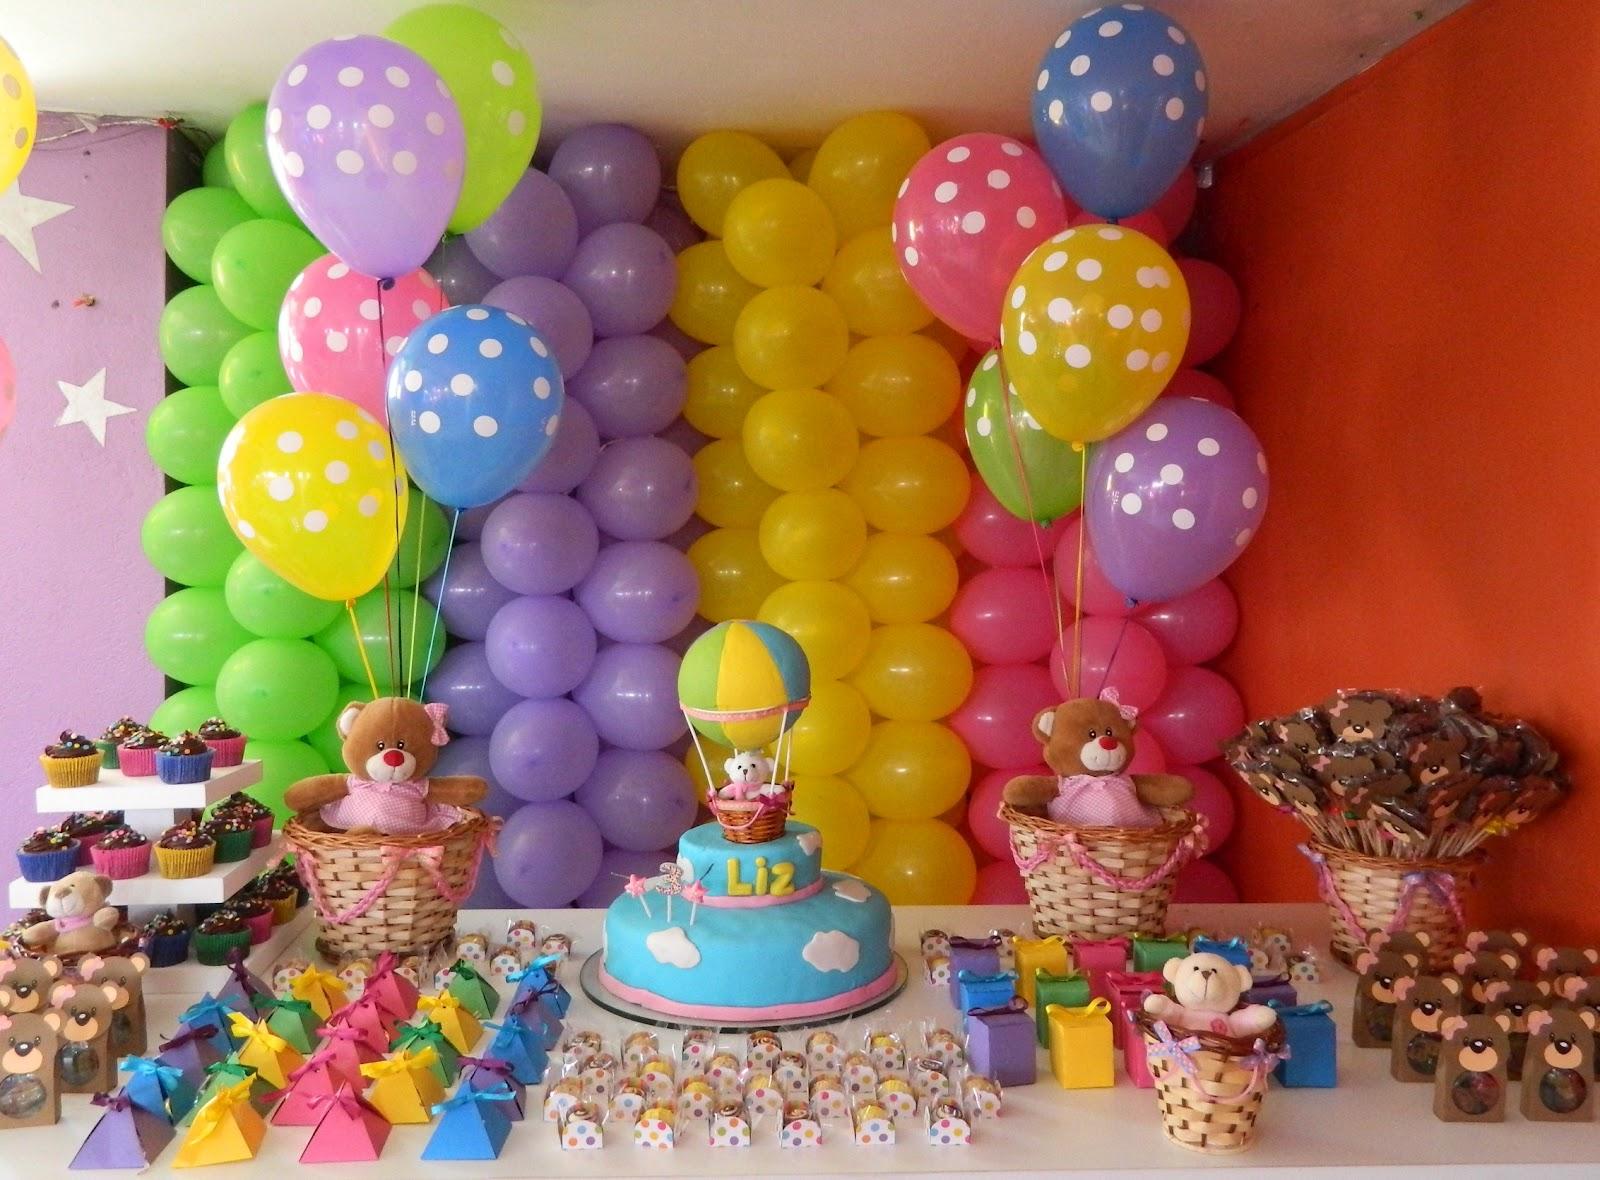 muitas cores, balões, ursinhos de pelúcia e muitas delícias